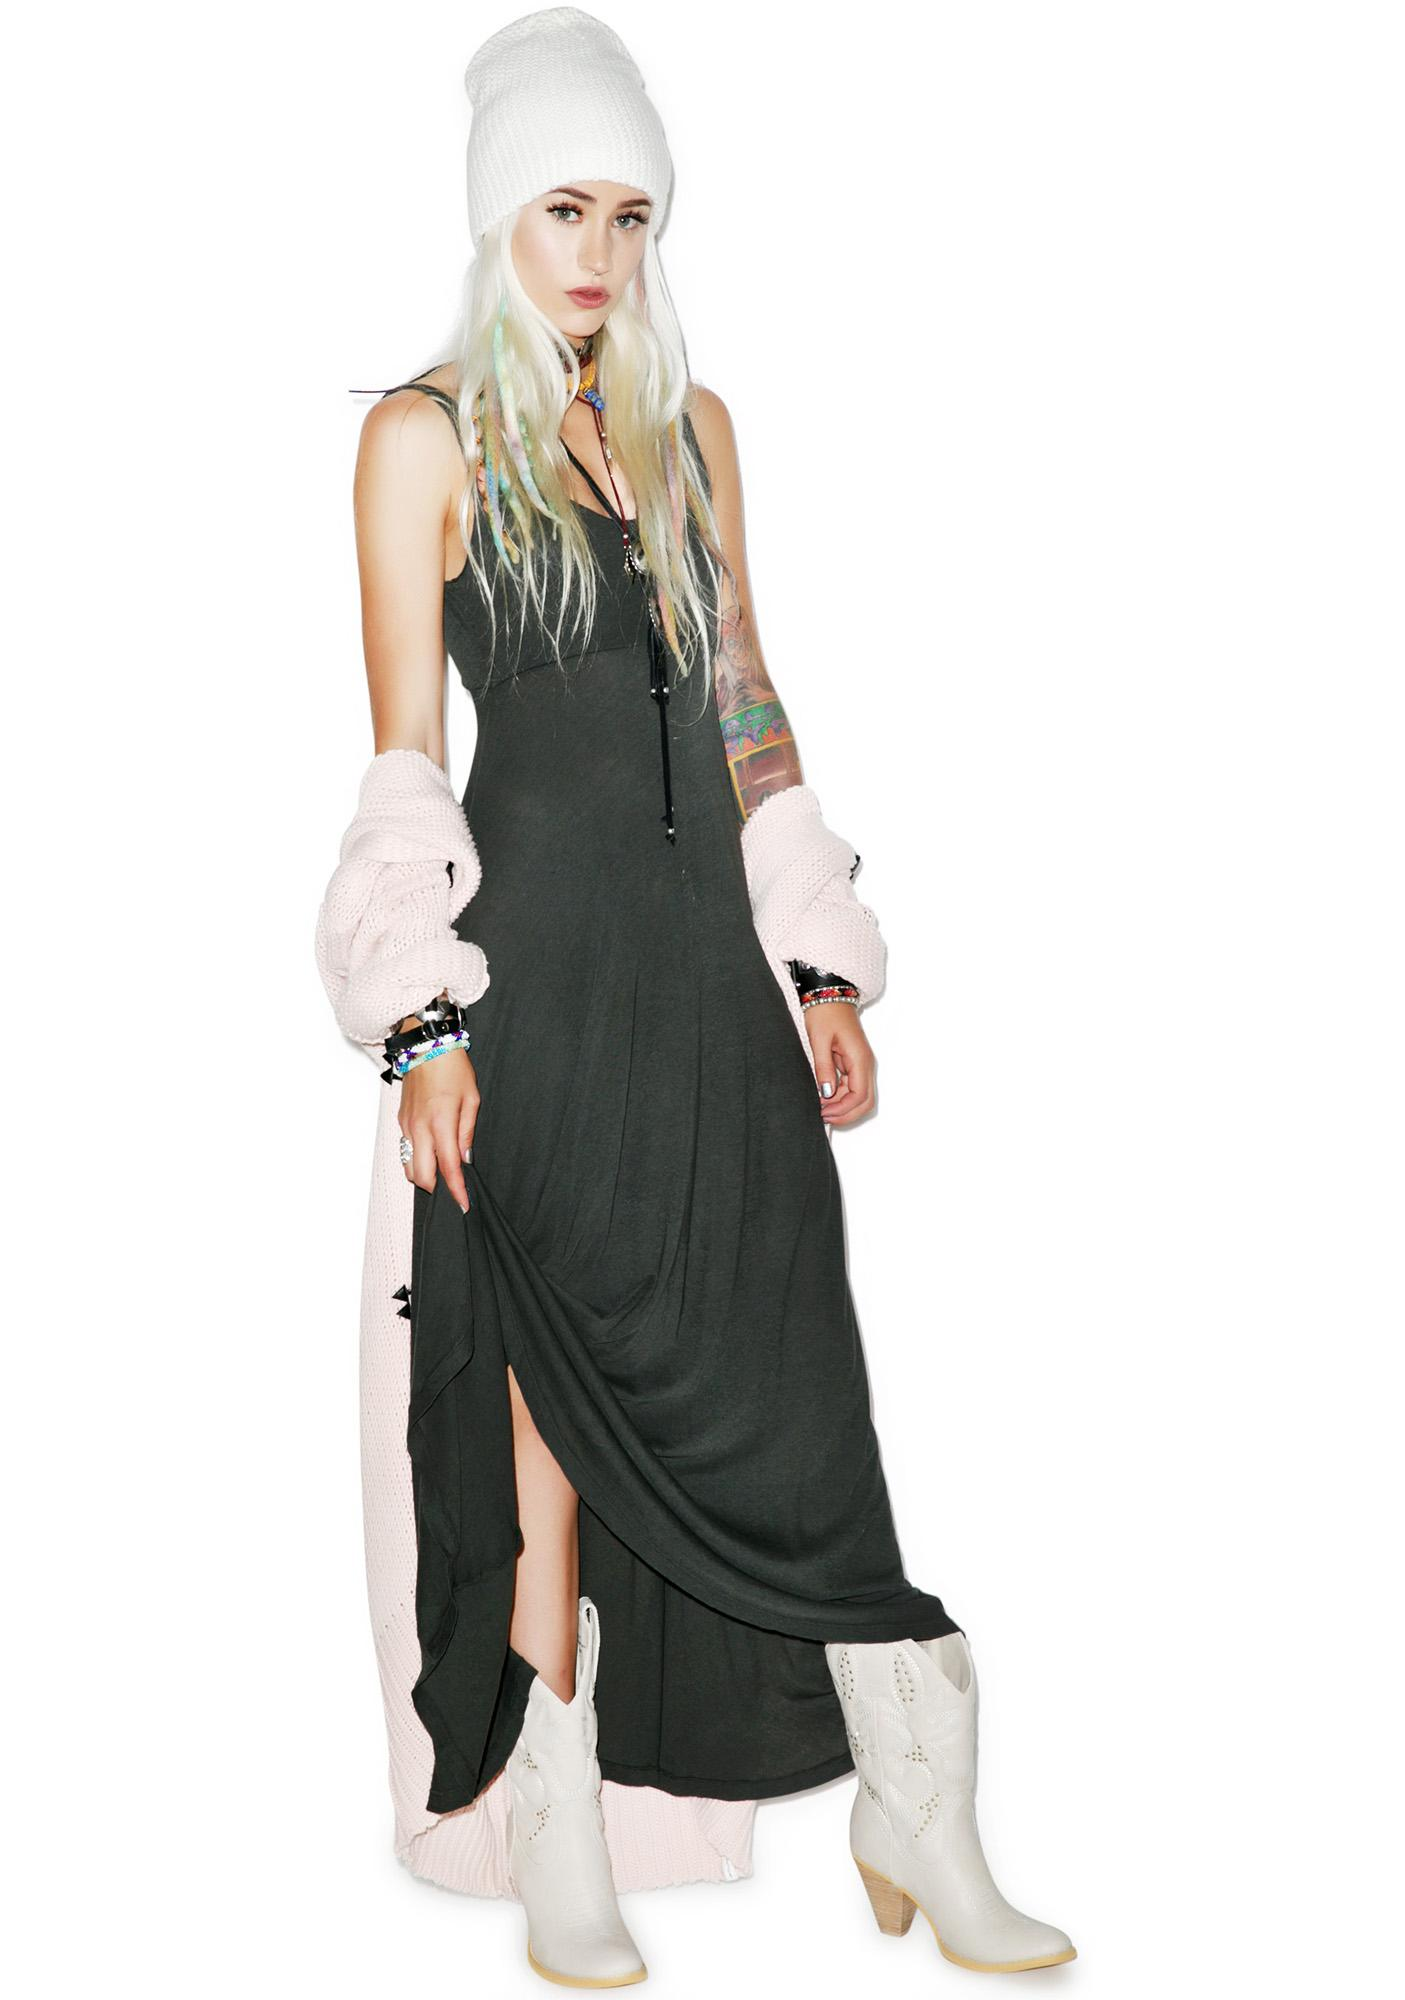 Wildfox Couture Essentials Pocahontas Dress